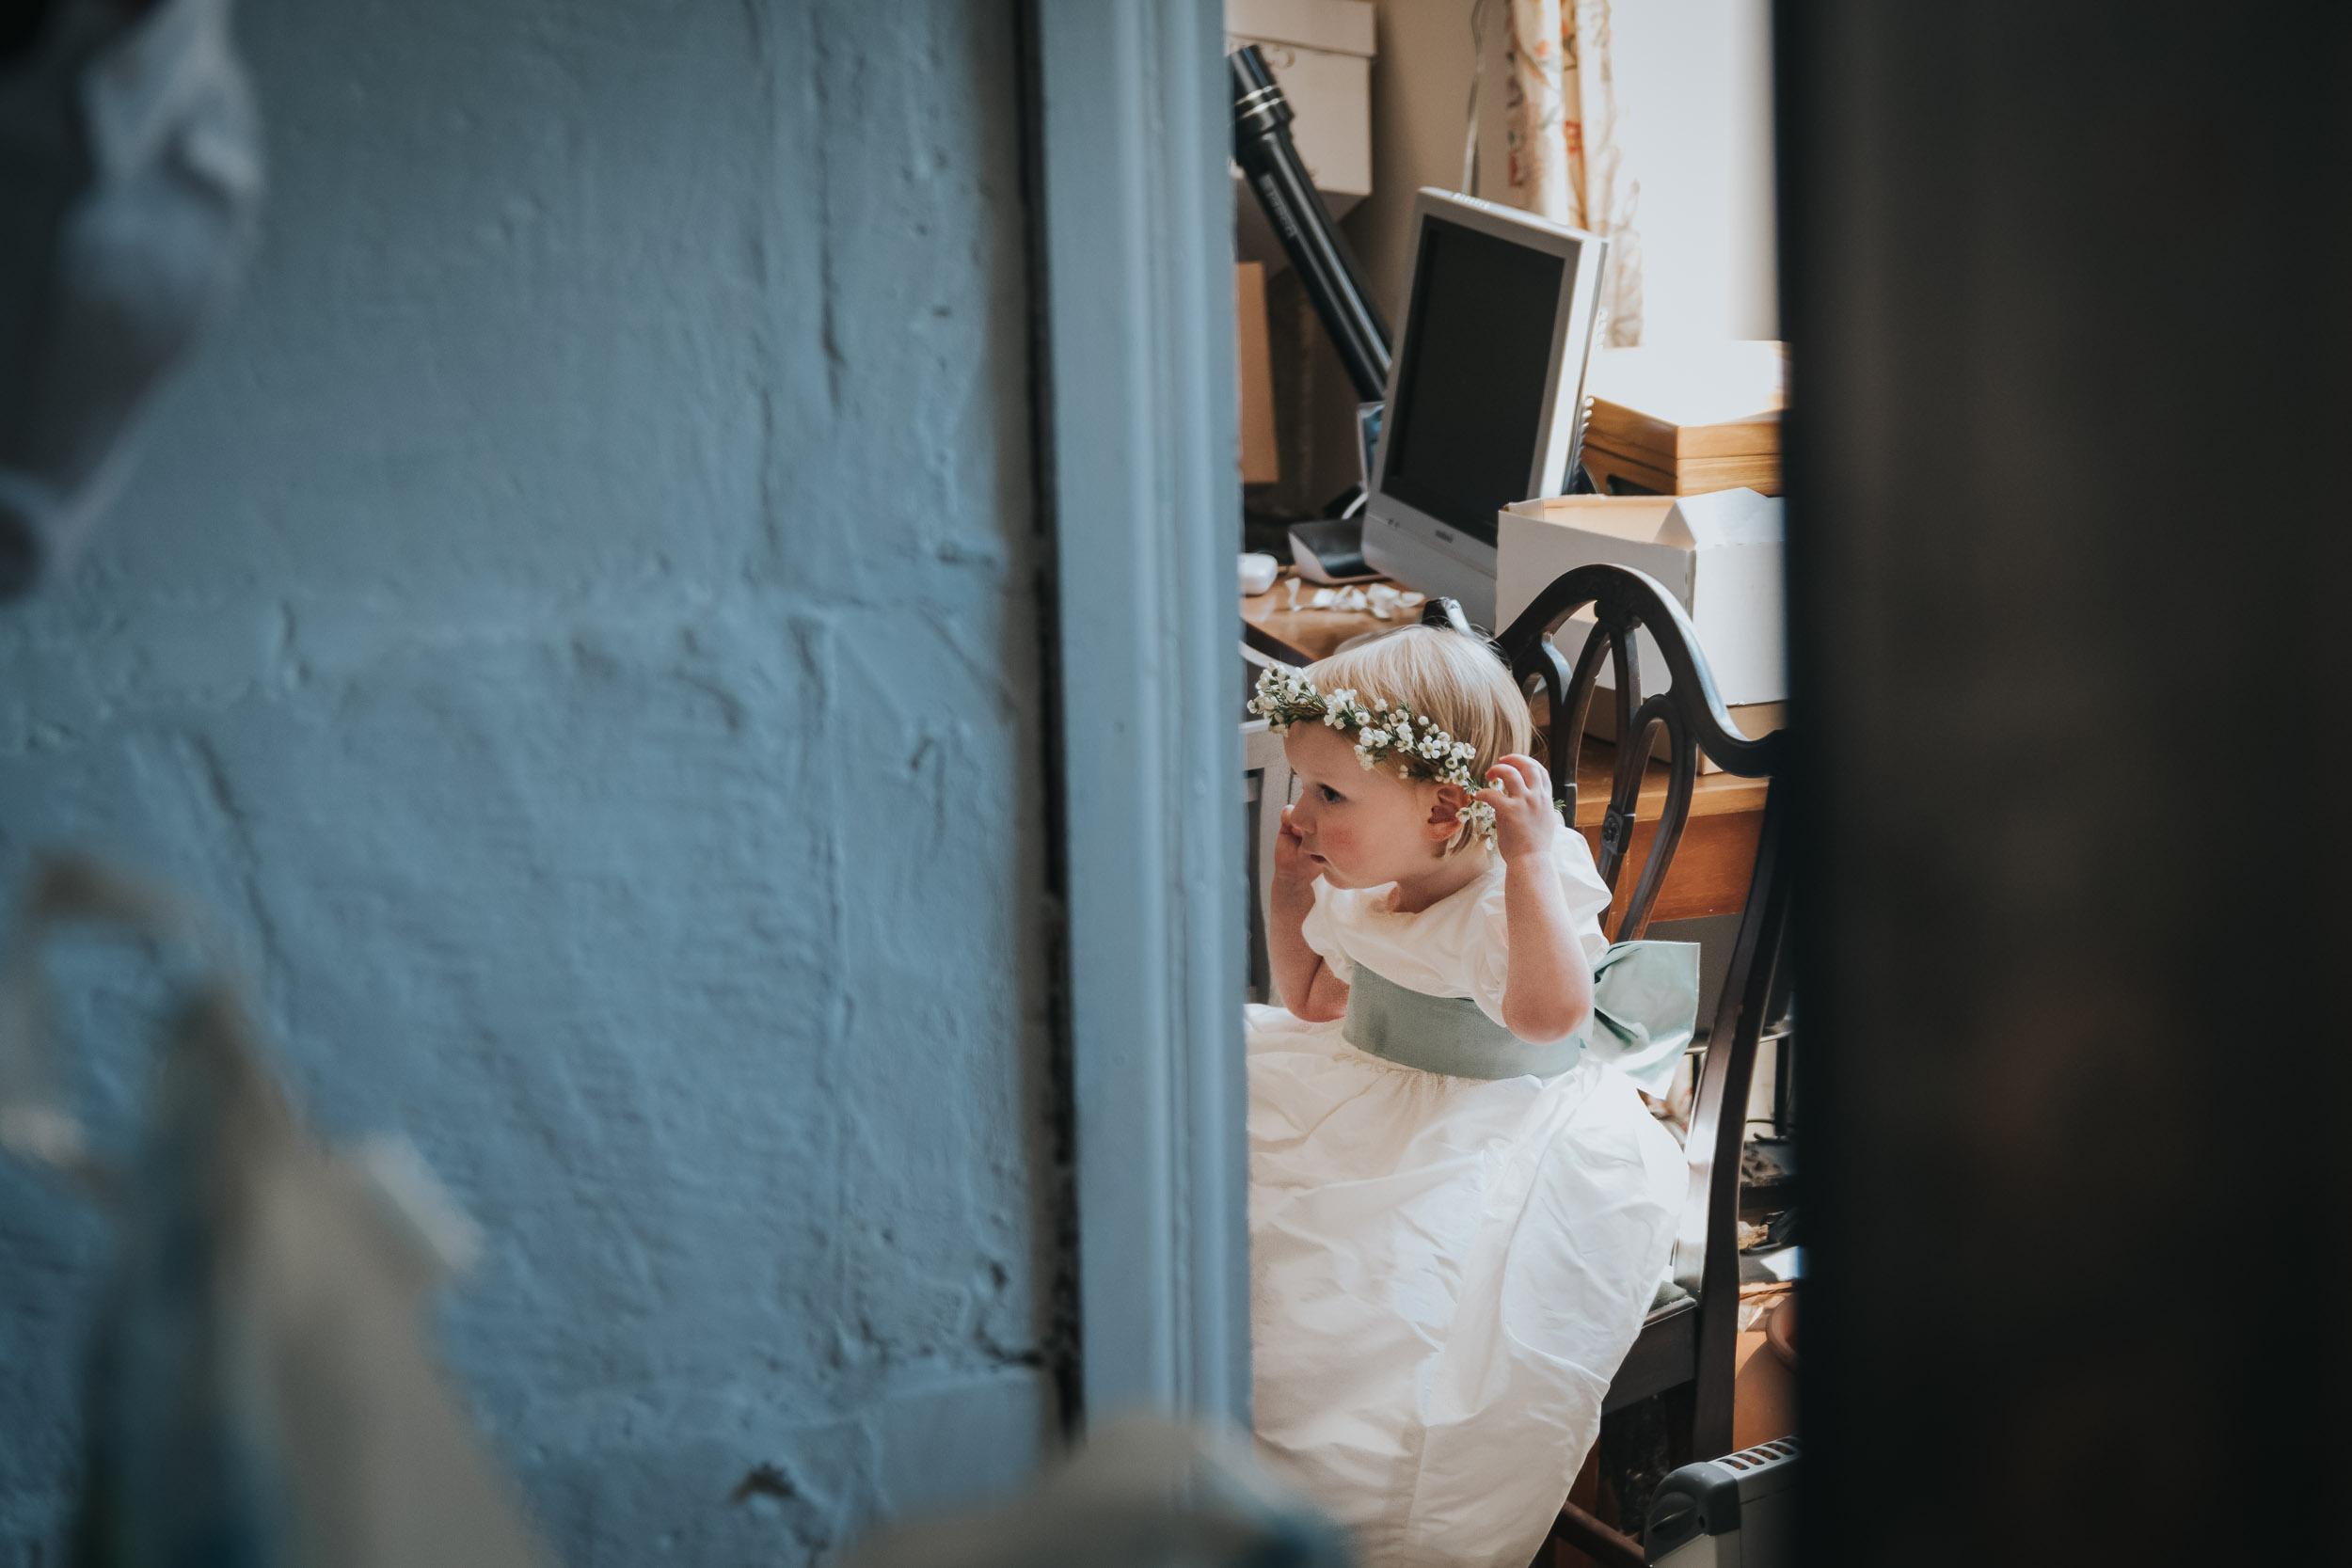 Hamswell-House-Wedding-Photographer-02